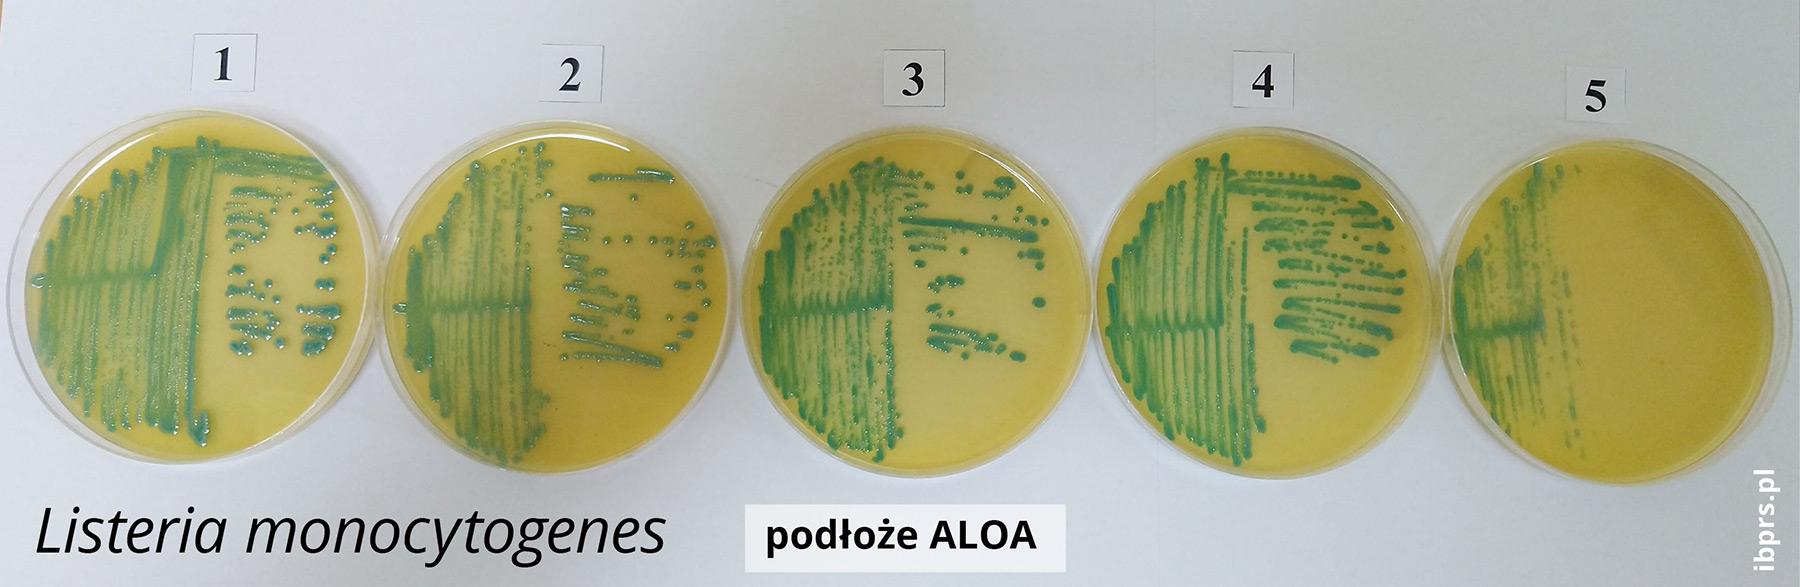 Płytka z preparatem Listeria monocytogenes na podłożu ALOA.